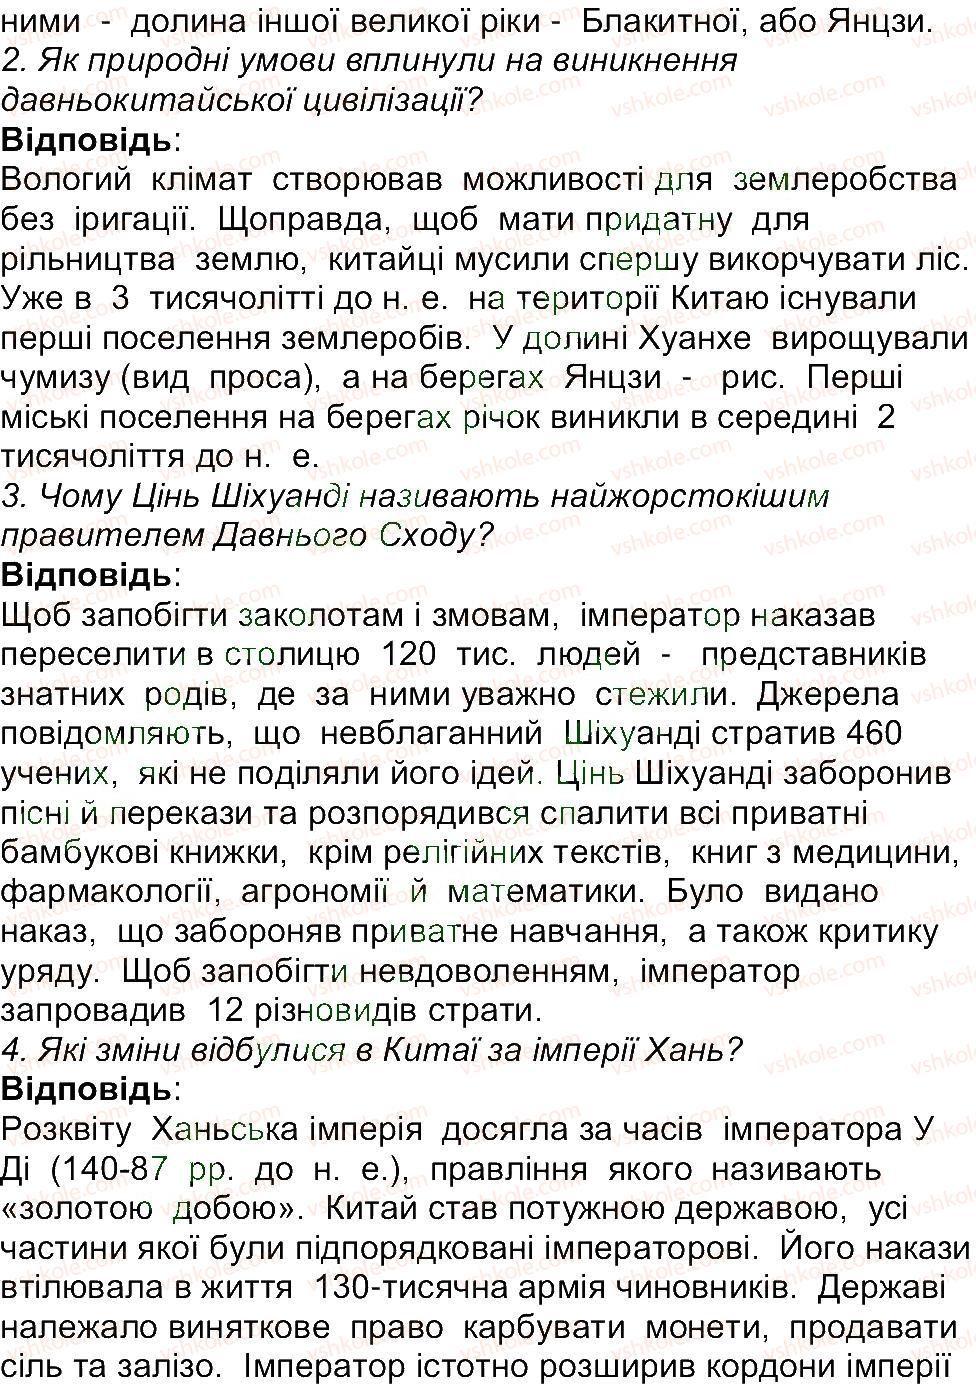 6-istoriya-og-bandrovskij-vs-vlasov-2014--storinki-72140-112-rnd5426.jpg